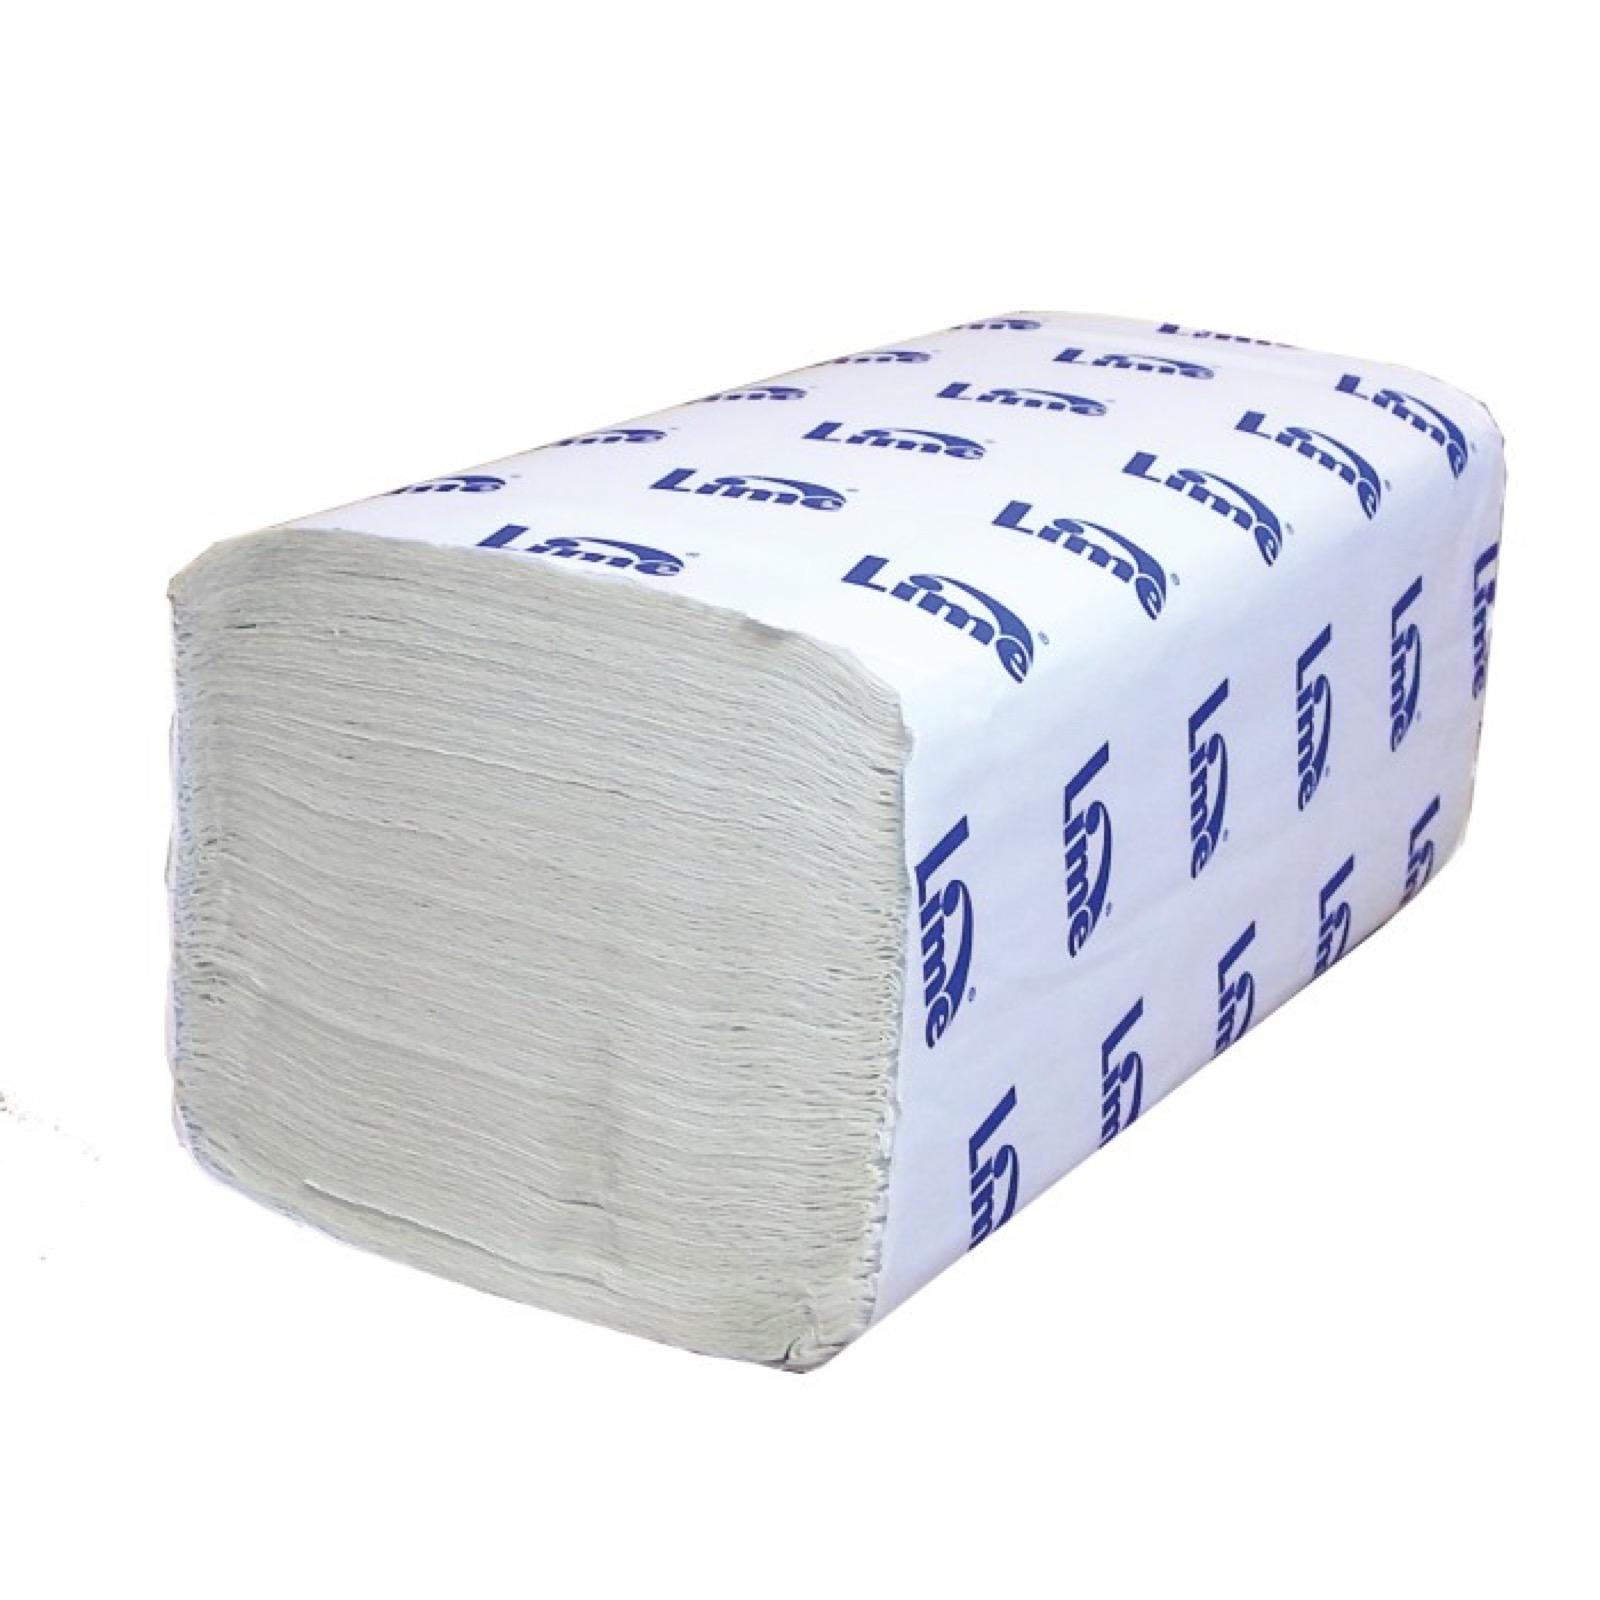 Полотенца бумажные Lime листовые, V-слож, 1-сл, светло-серые, 250шт/пач, 210450